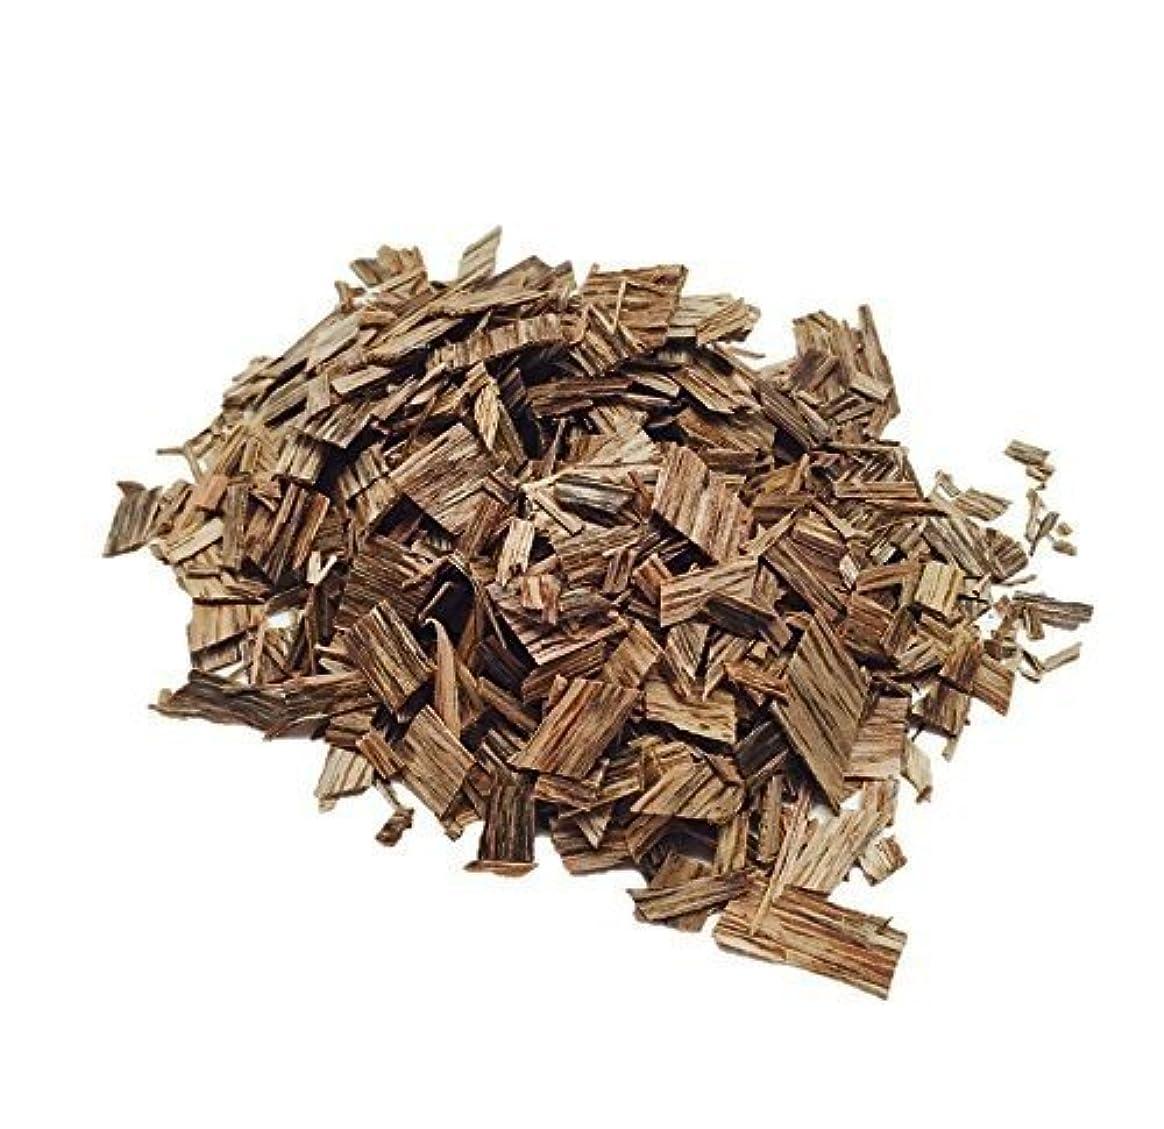 レポートを書くシリーズ達成元スミスV木製Agarwood OudチップAquilaria Bakhoor Incense 0.1 oz ブラウン Smith V.